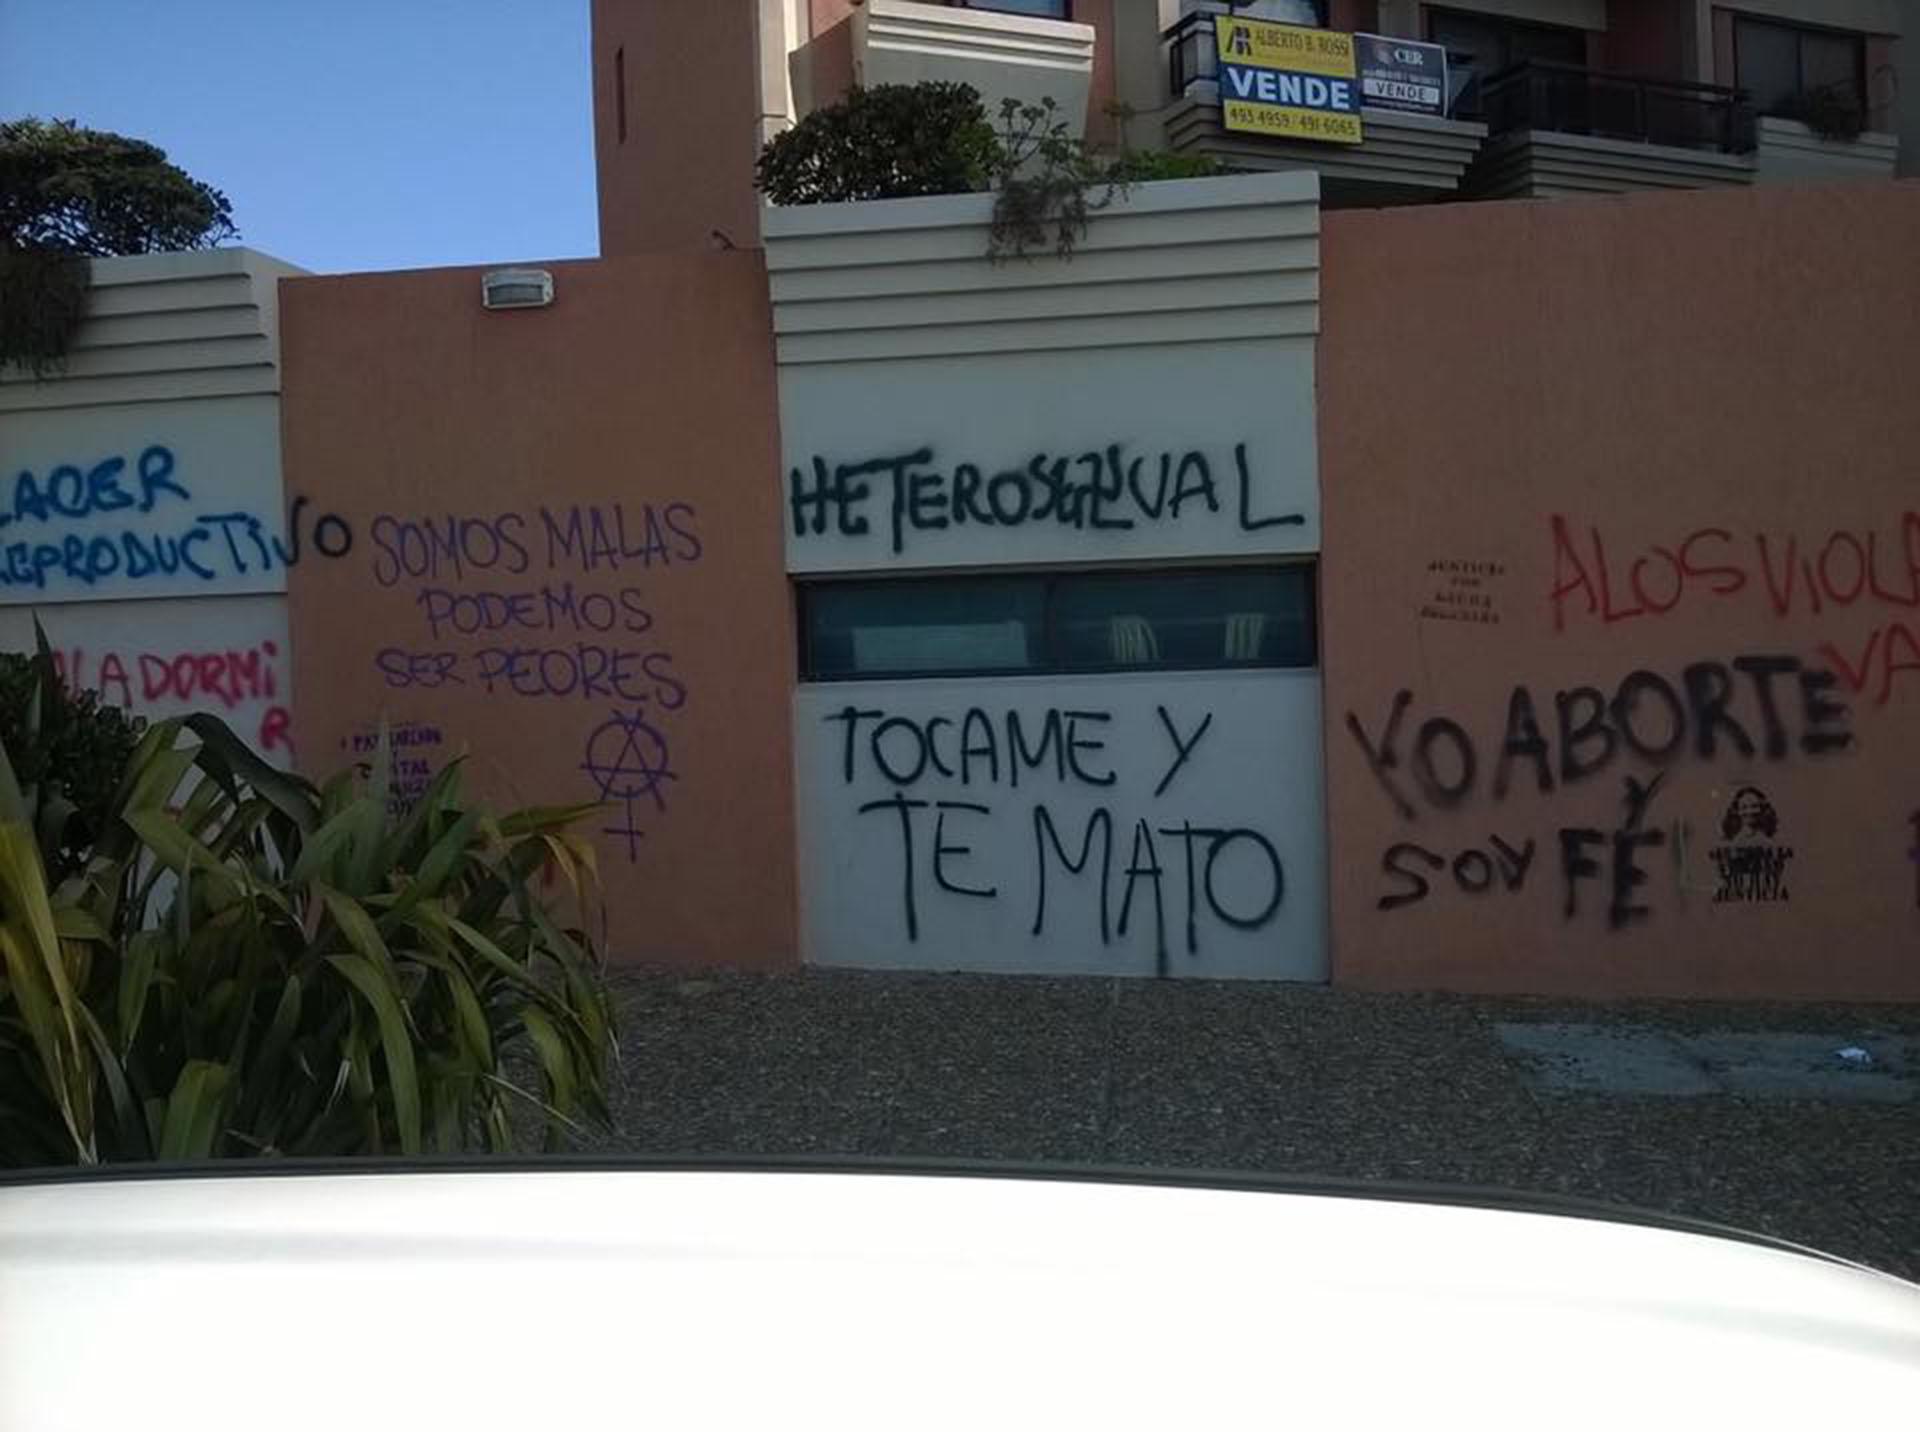 Una de las numerosas pintadas que parte de los manifestantes dejaron en las casas de Rosario